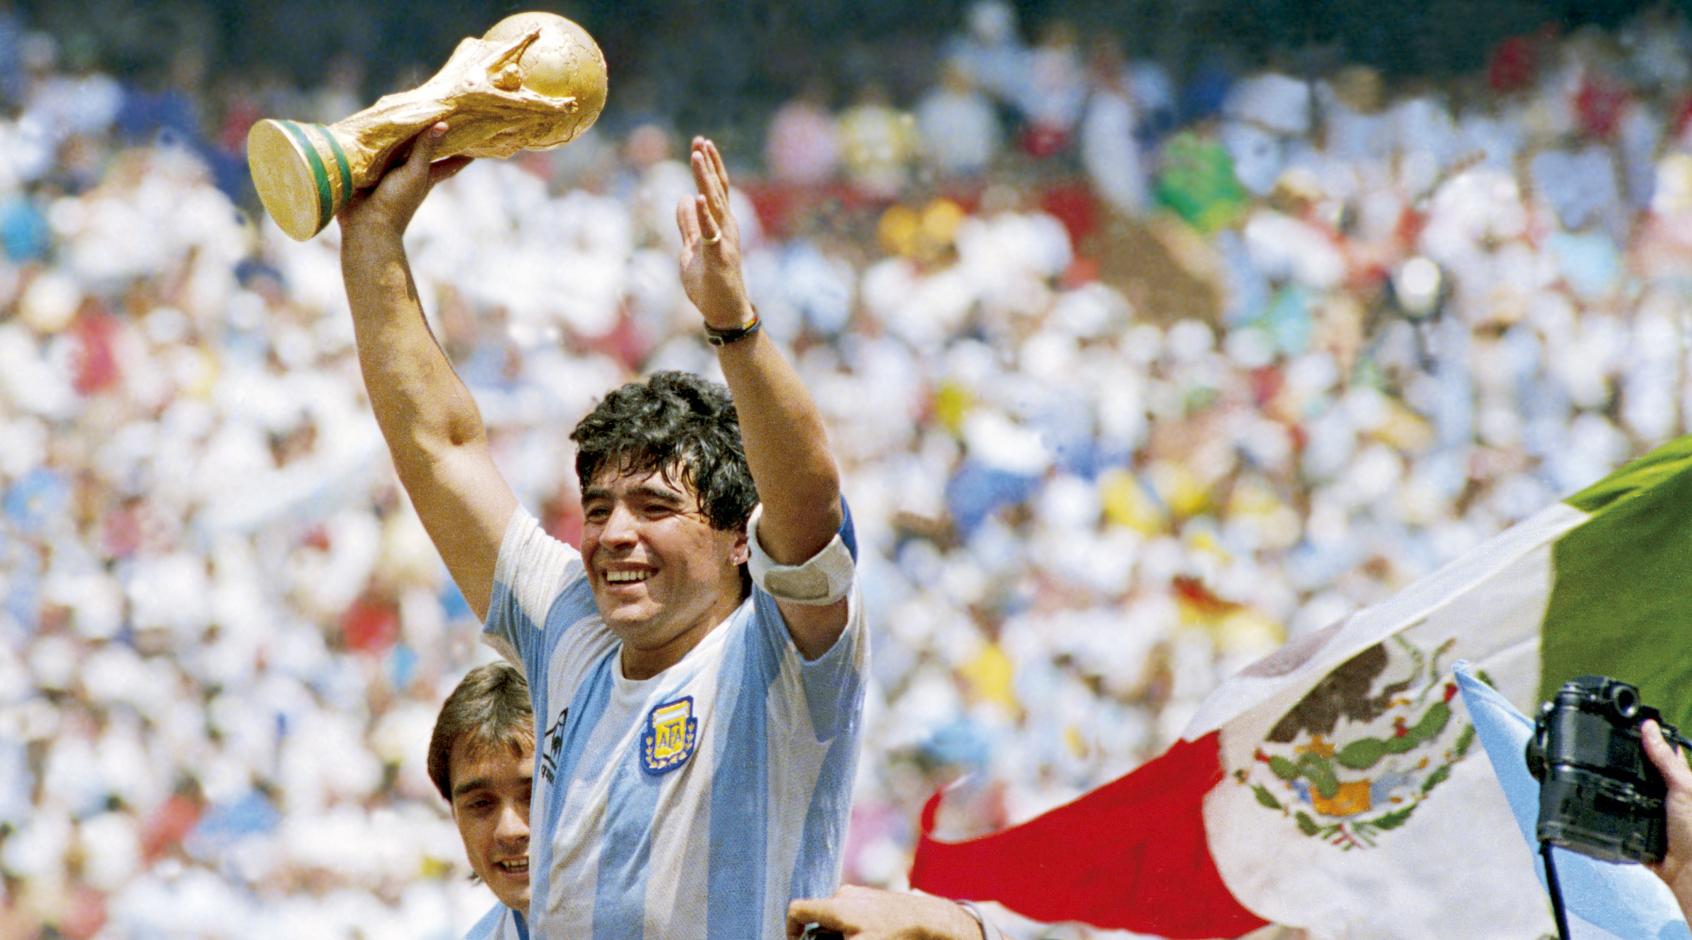 """Судья матча ЧМ-1986 Аргентина-Англия: """"Если бы я свистнул на Марадоне, мы бы не увидели такого великолепия"""""""